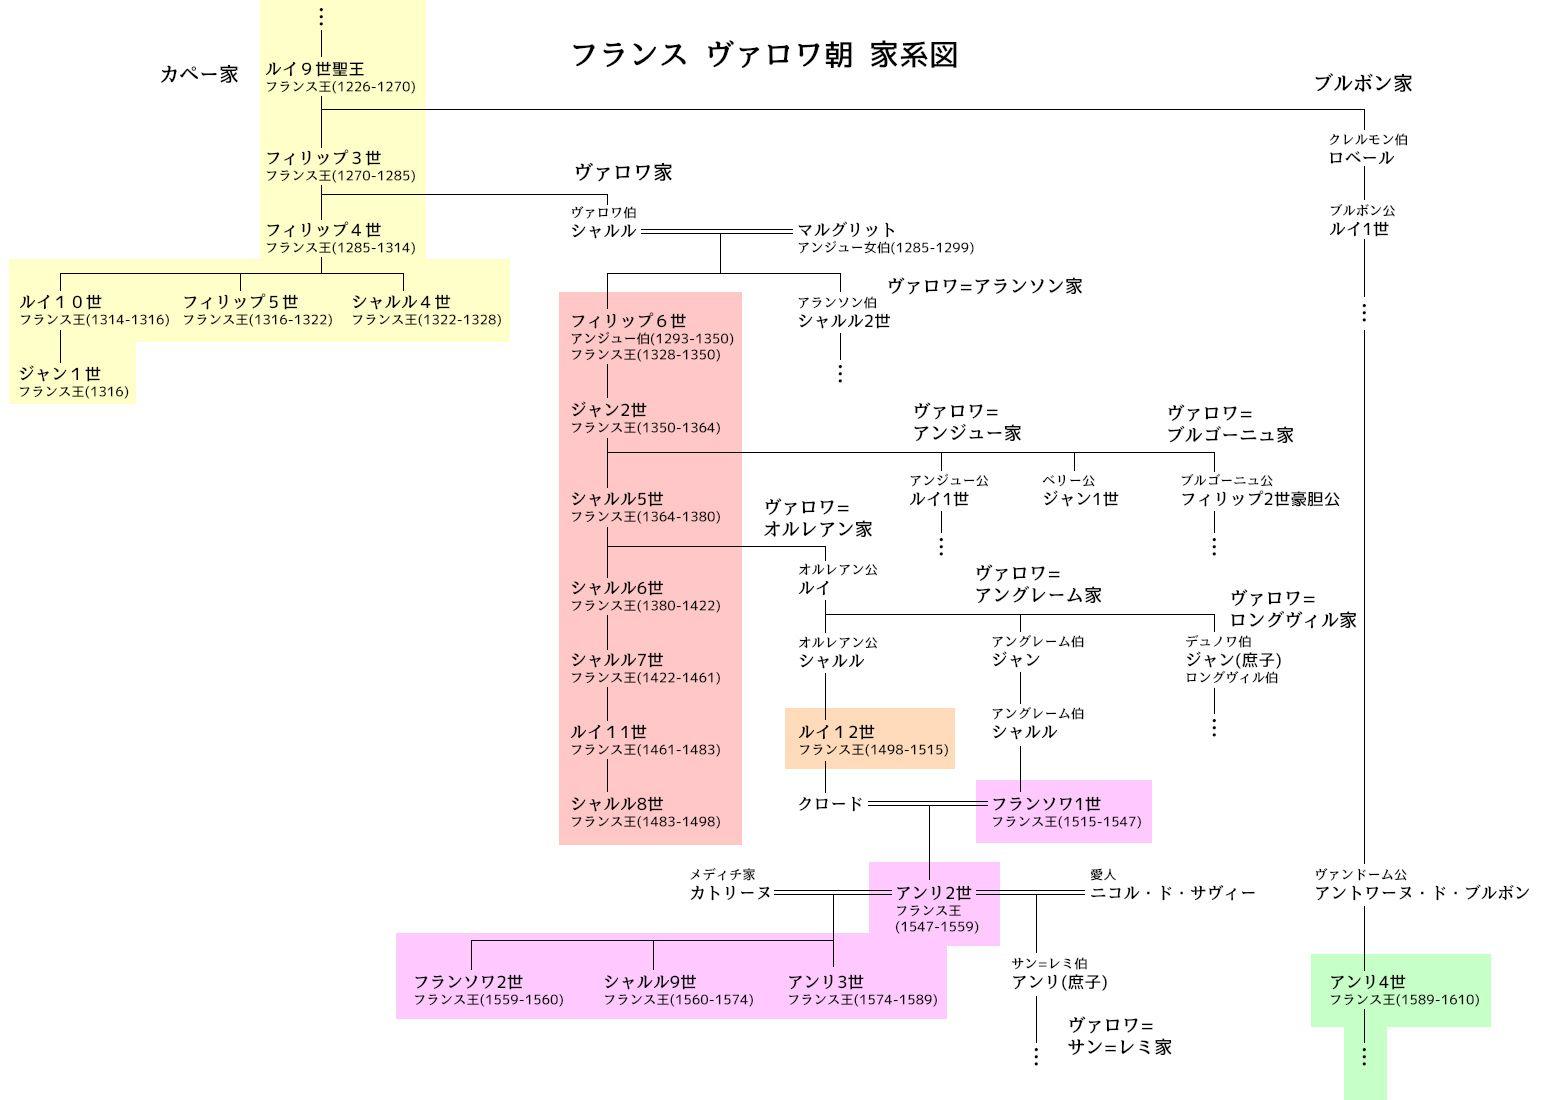 系図 家 ロイヤル ファミリー イギリス王室、エリザベス女王の家系図がスグわかる!